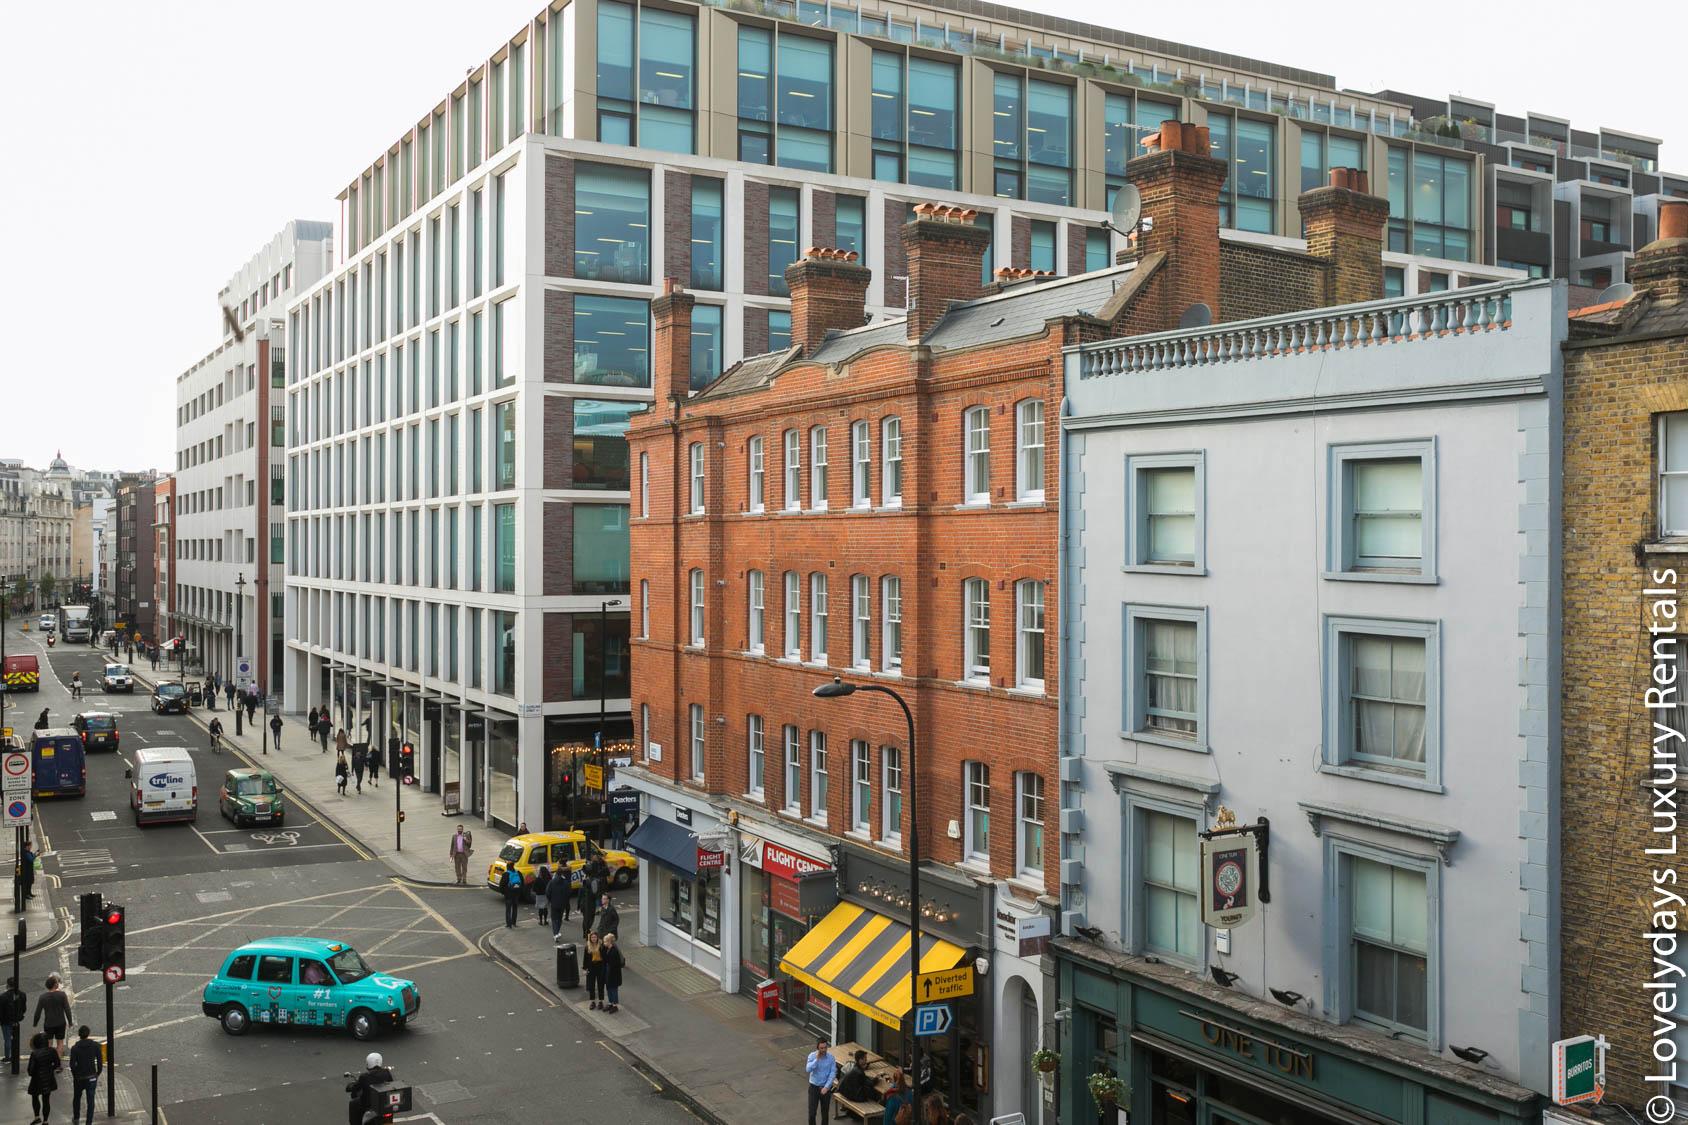 Lovelydays luxury service apartment rental - London - Fitzrovia - Goodge 55 - Lovelysuite - 2 bedrooms - 3 bathrooms - Hallway - 954032bcc41a - Lovelydays